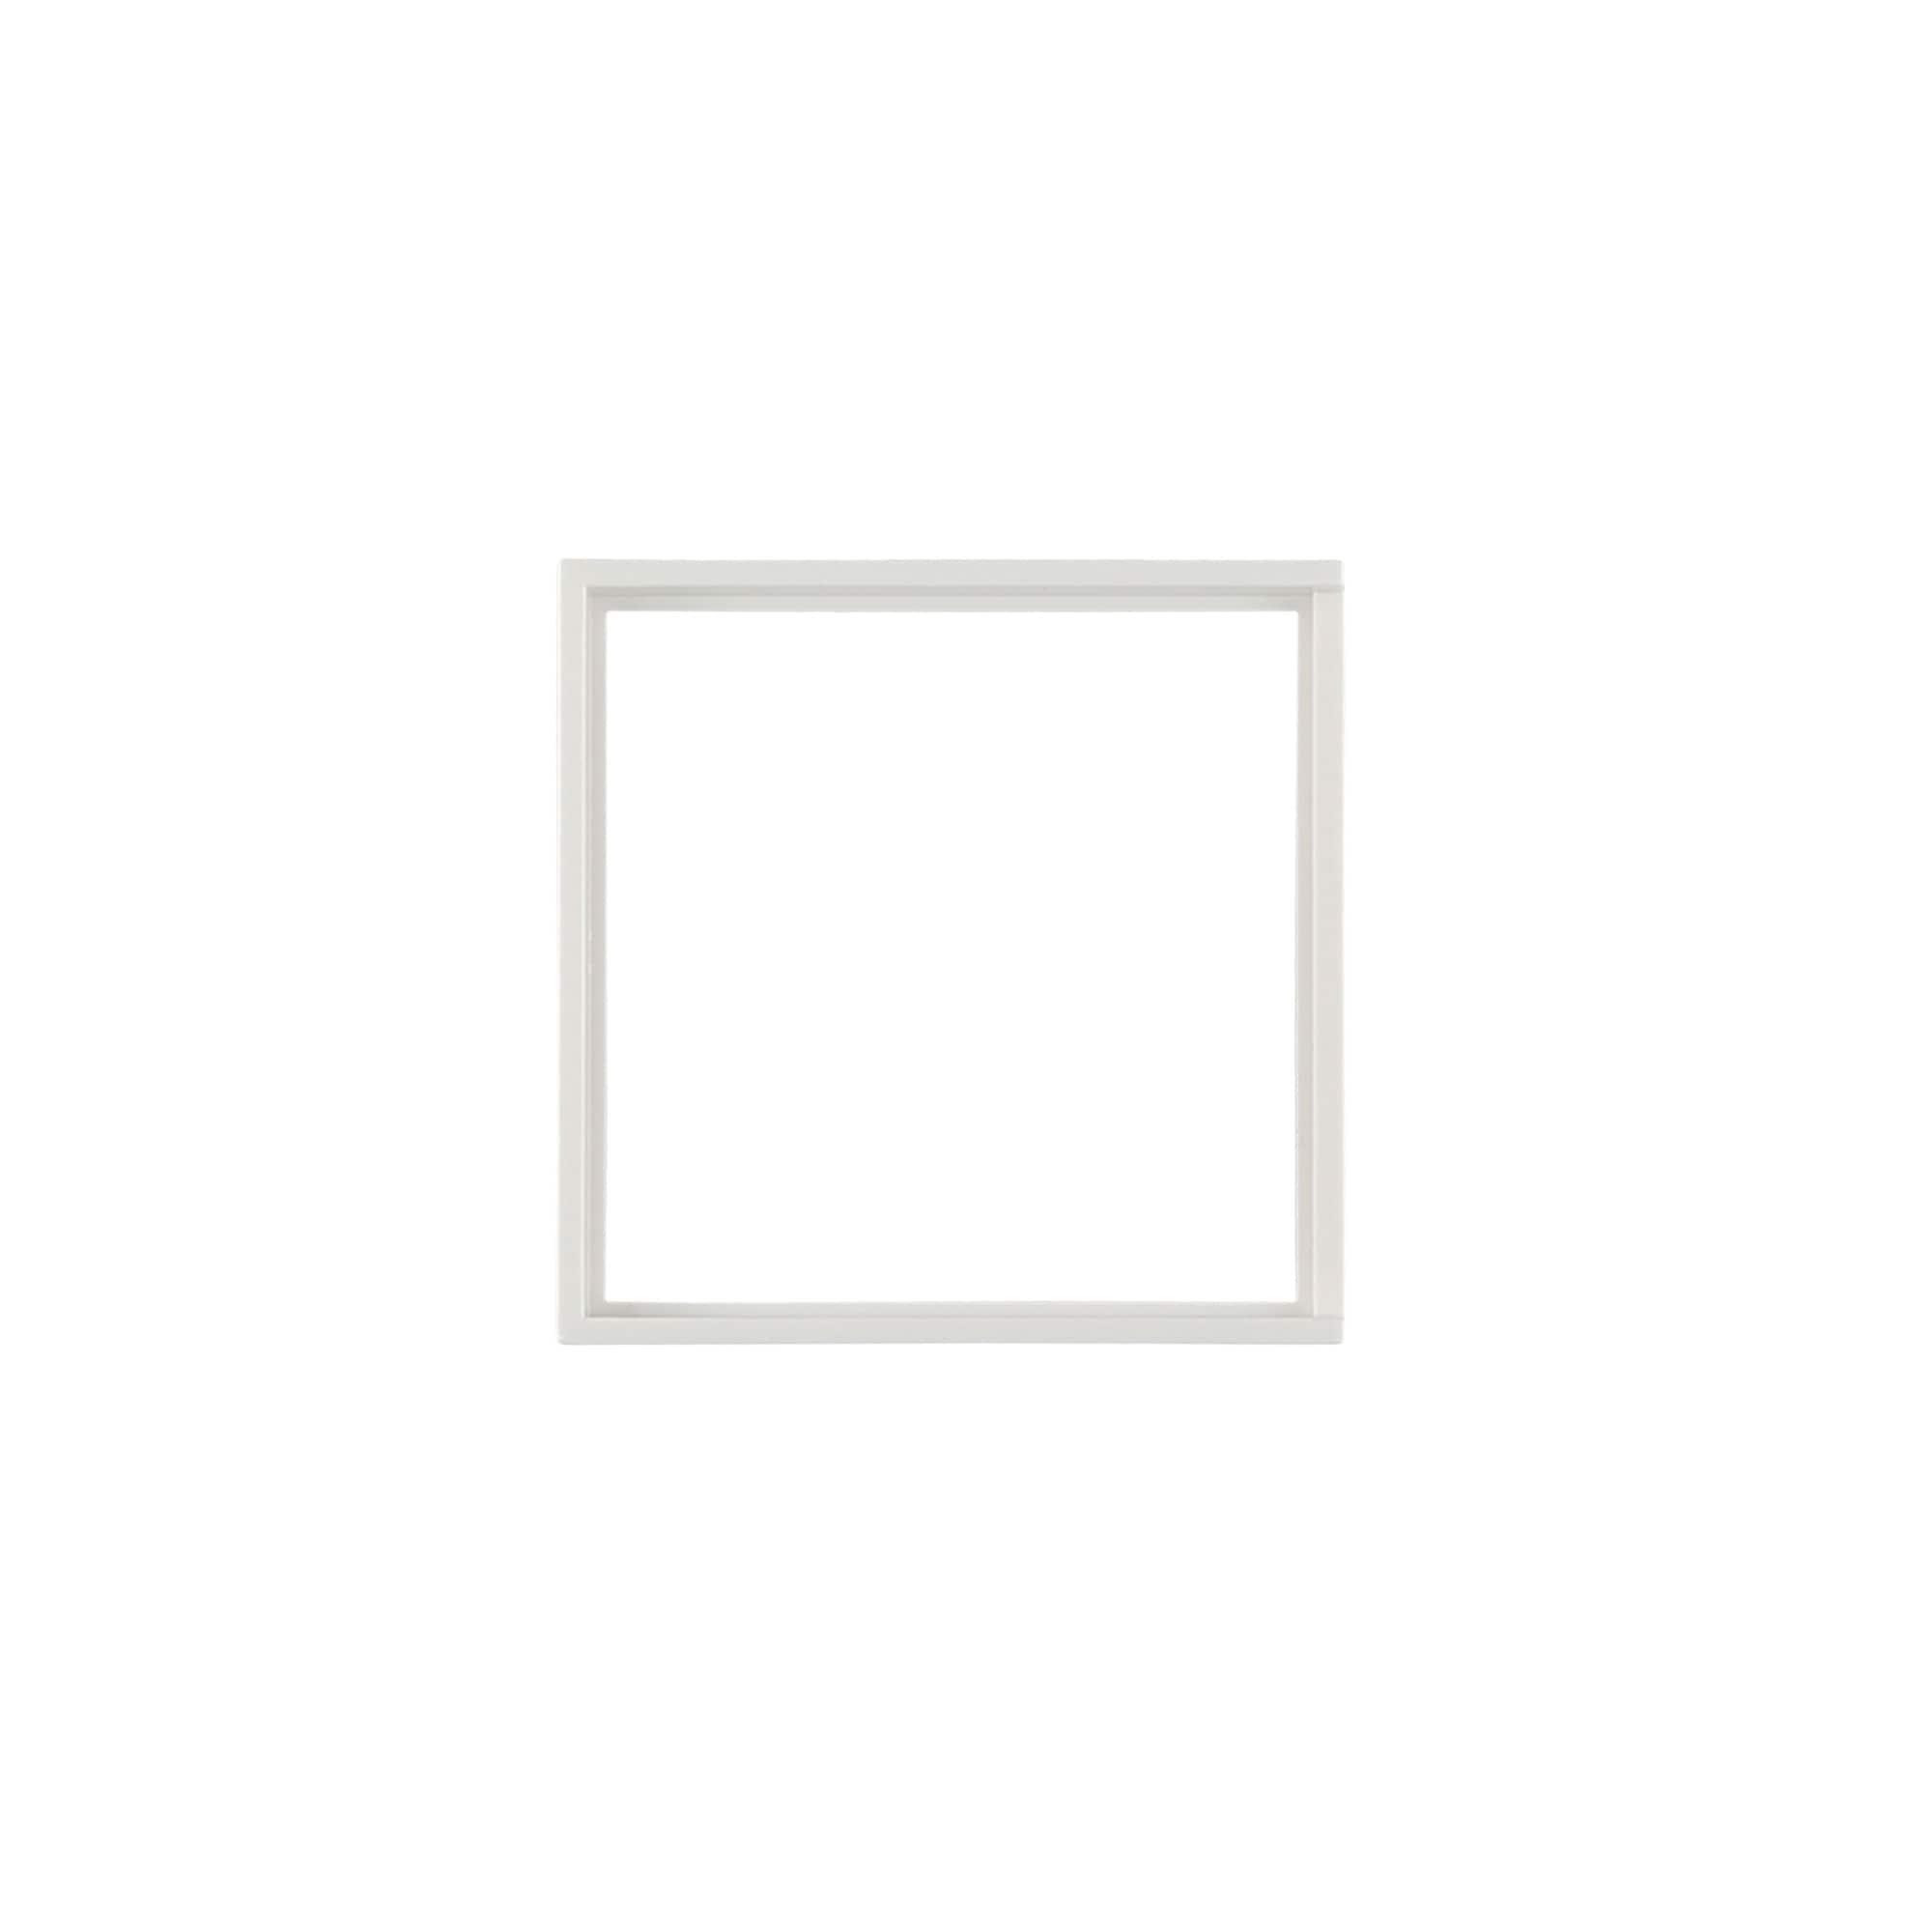 gira standard 55 zwischenrahmen zwischenplatte 28203 distanzrahmen. Black Bedroom Furniture Sets. Home Design Ideas